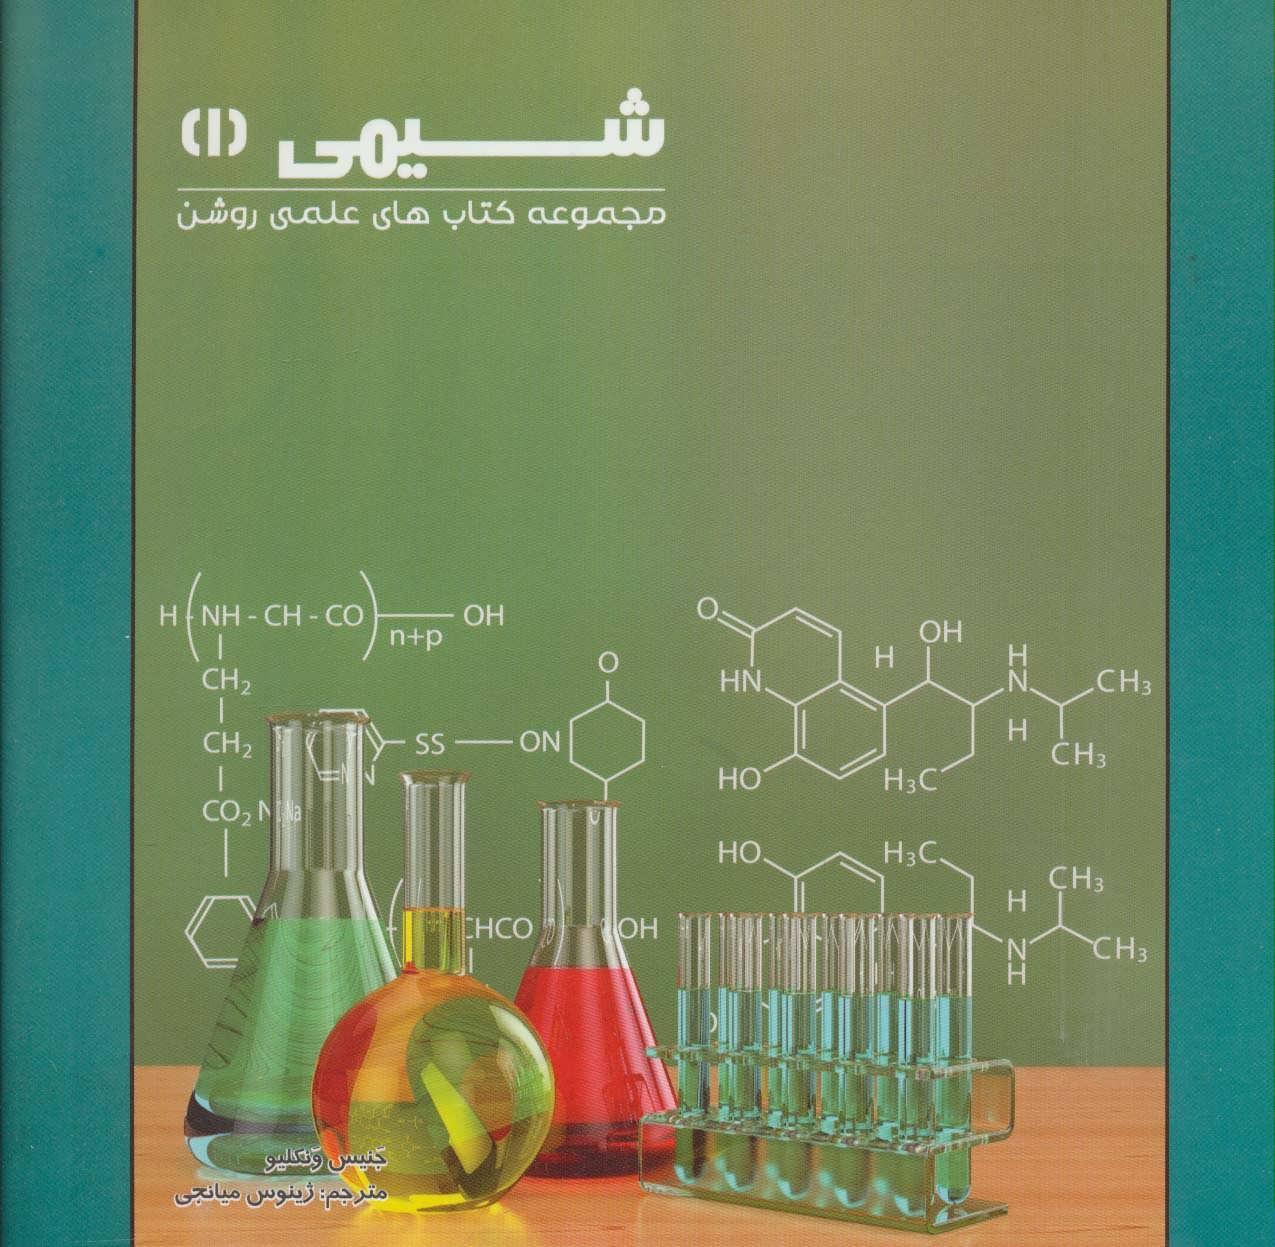 شيمي 1 (كتاب هاي علمي روشن)